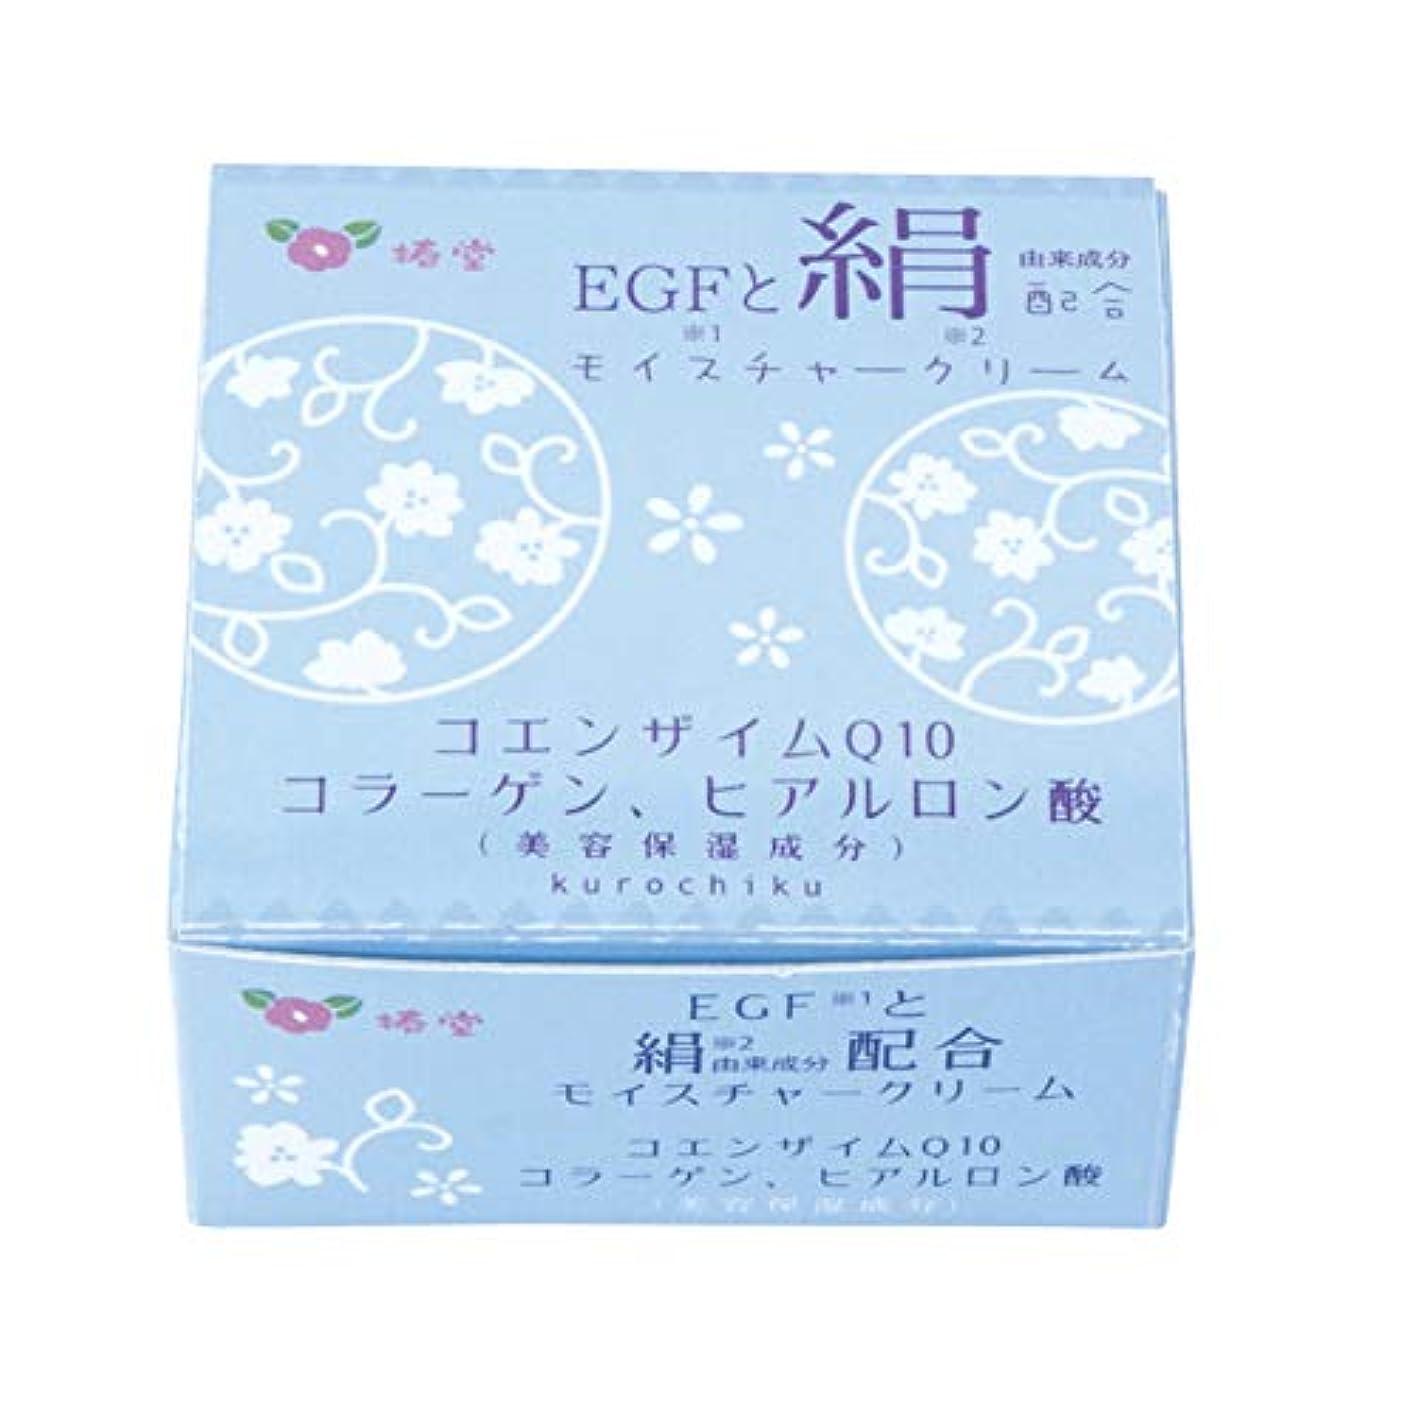 人に関する限り伝染性の椿堂 絹モイスチャークリーム (FGFと絹) 京都くろちく